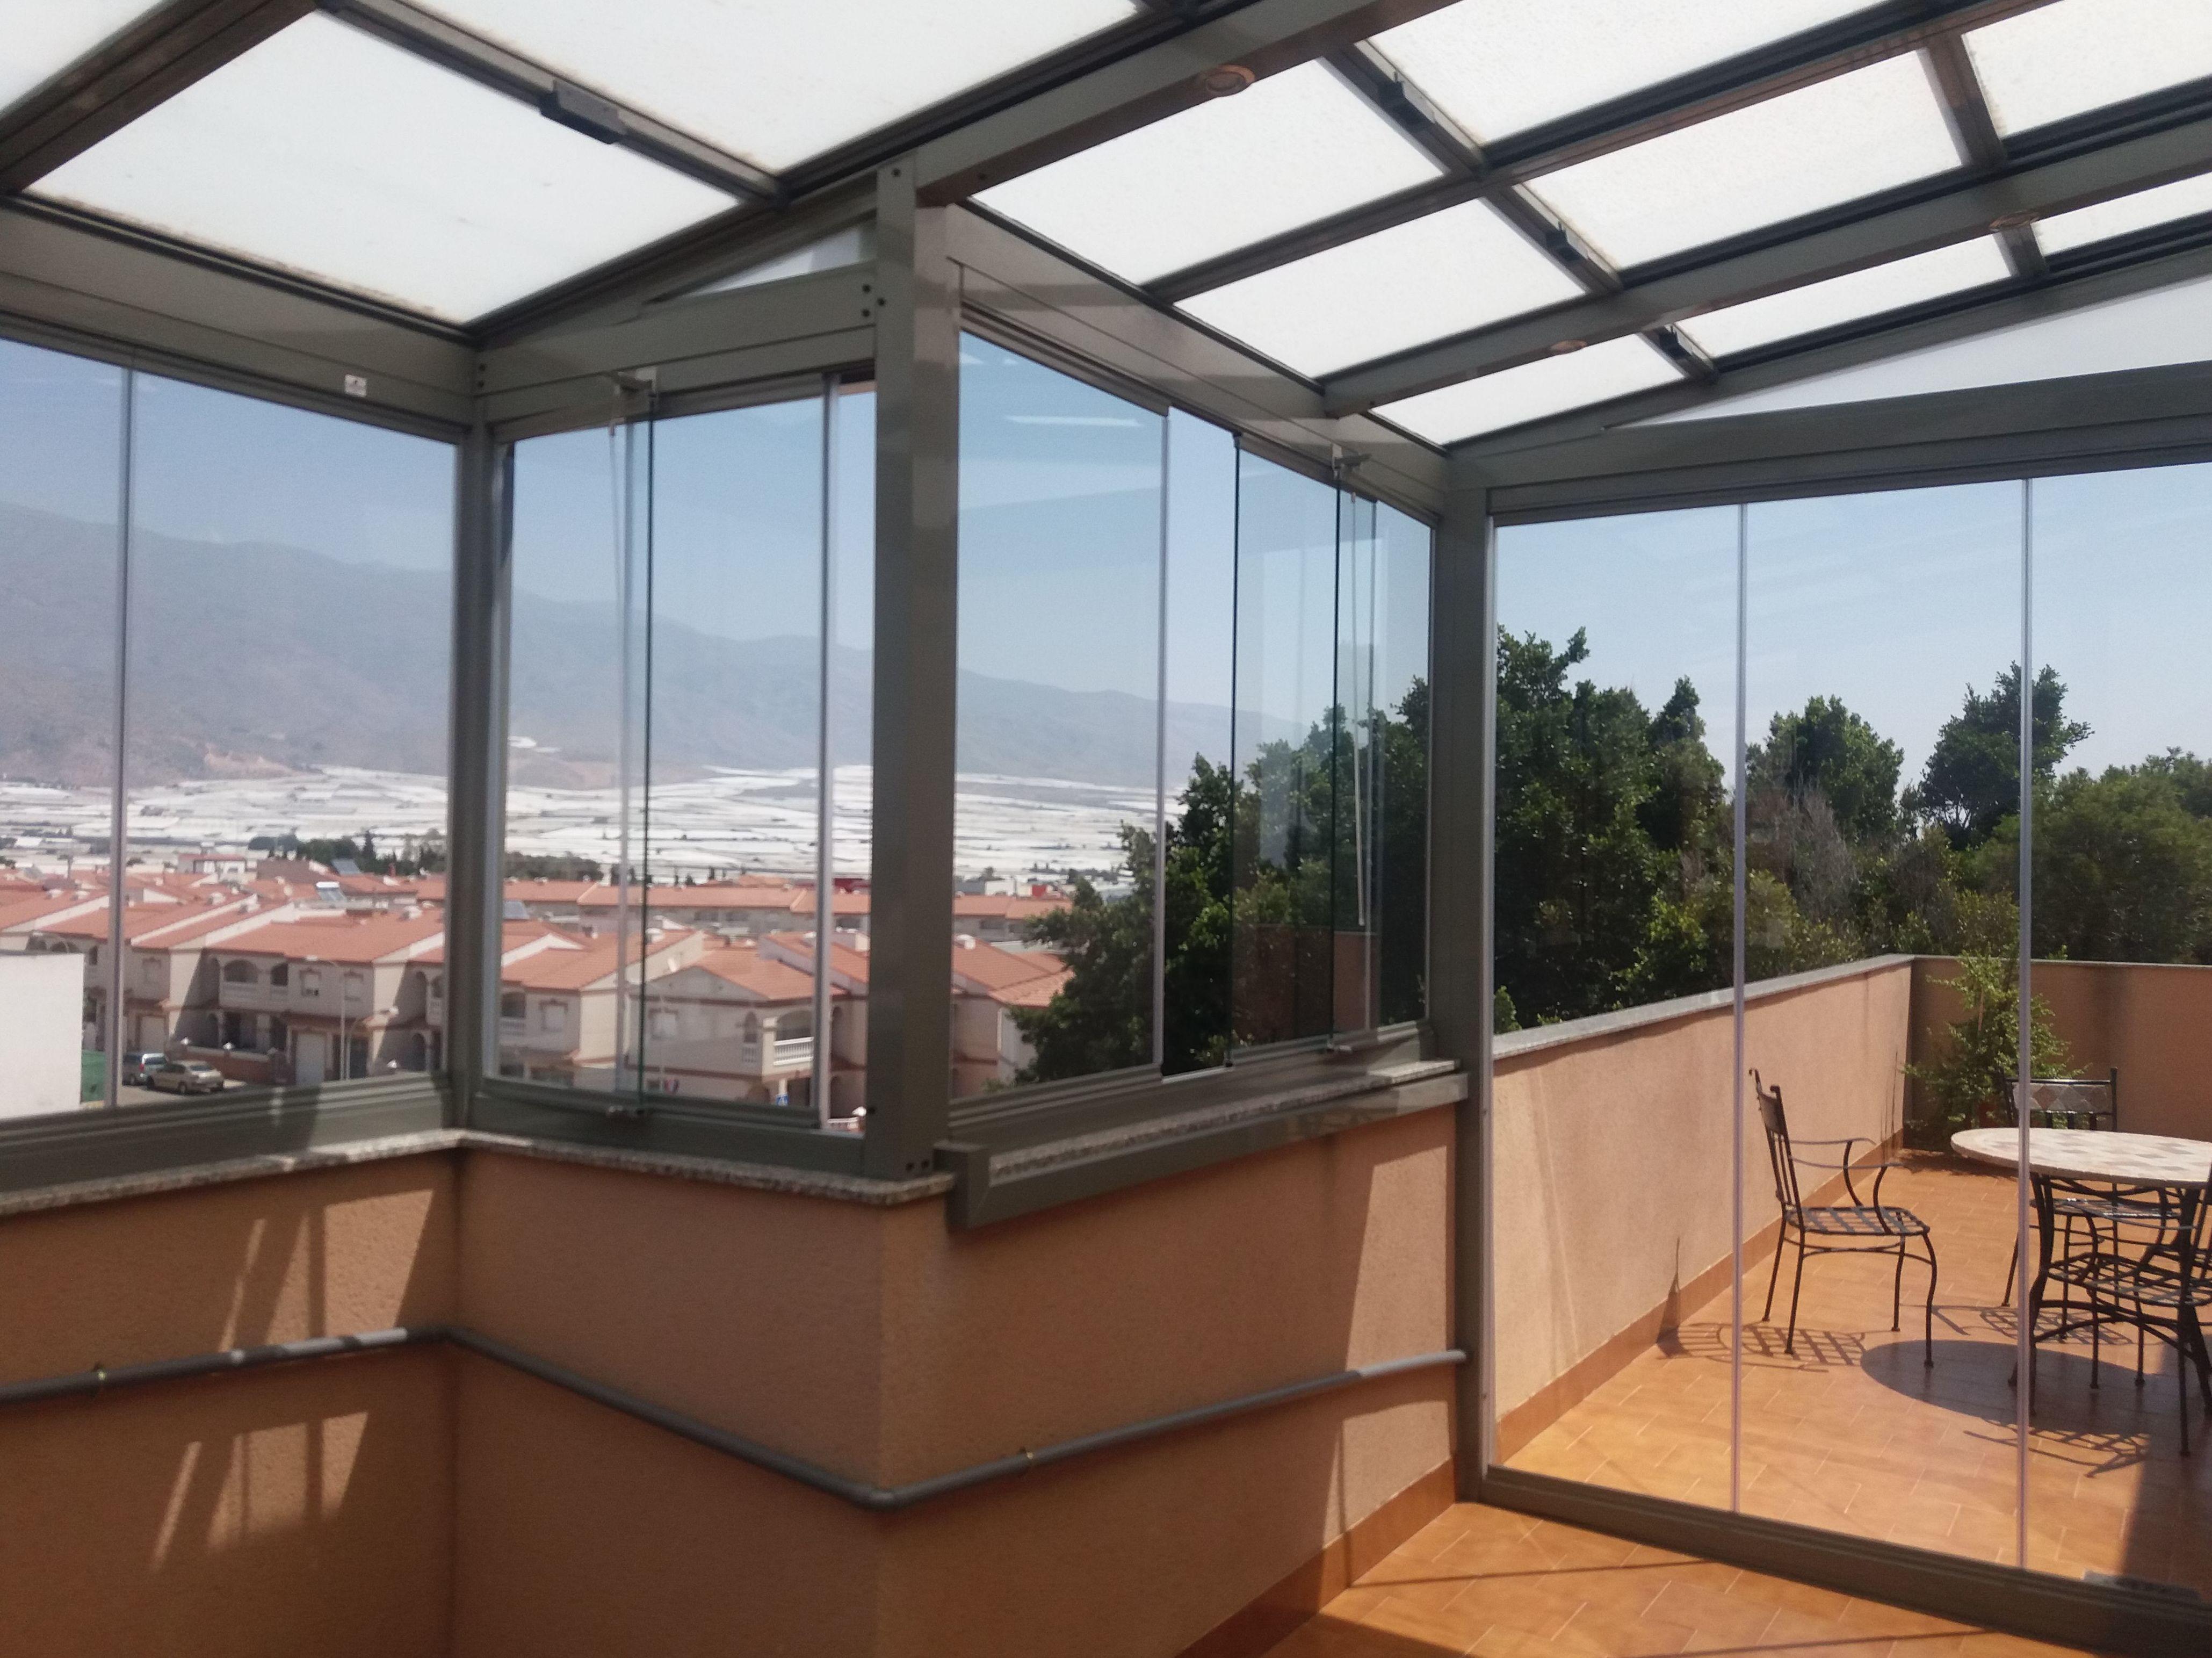 Foto 2 de Cerramientos y techos de cristal en El Ejido | Acristalamientos Diansa